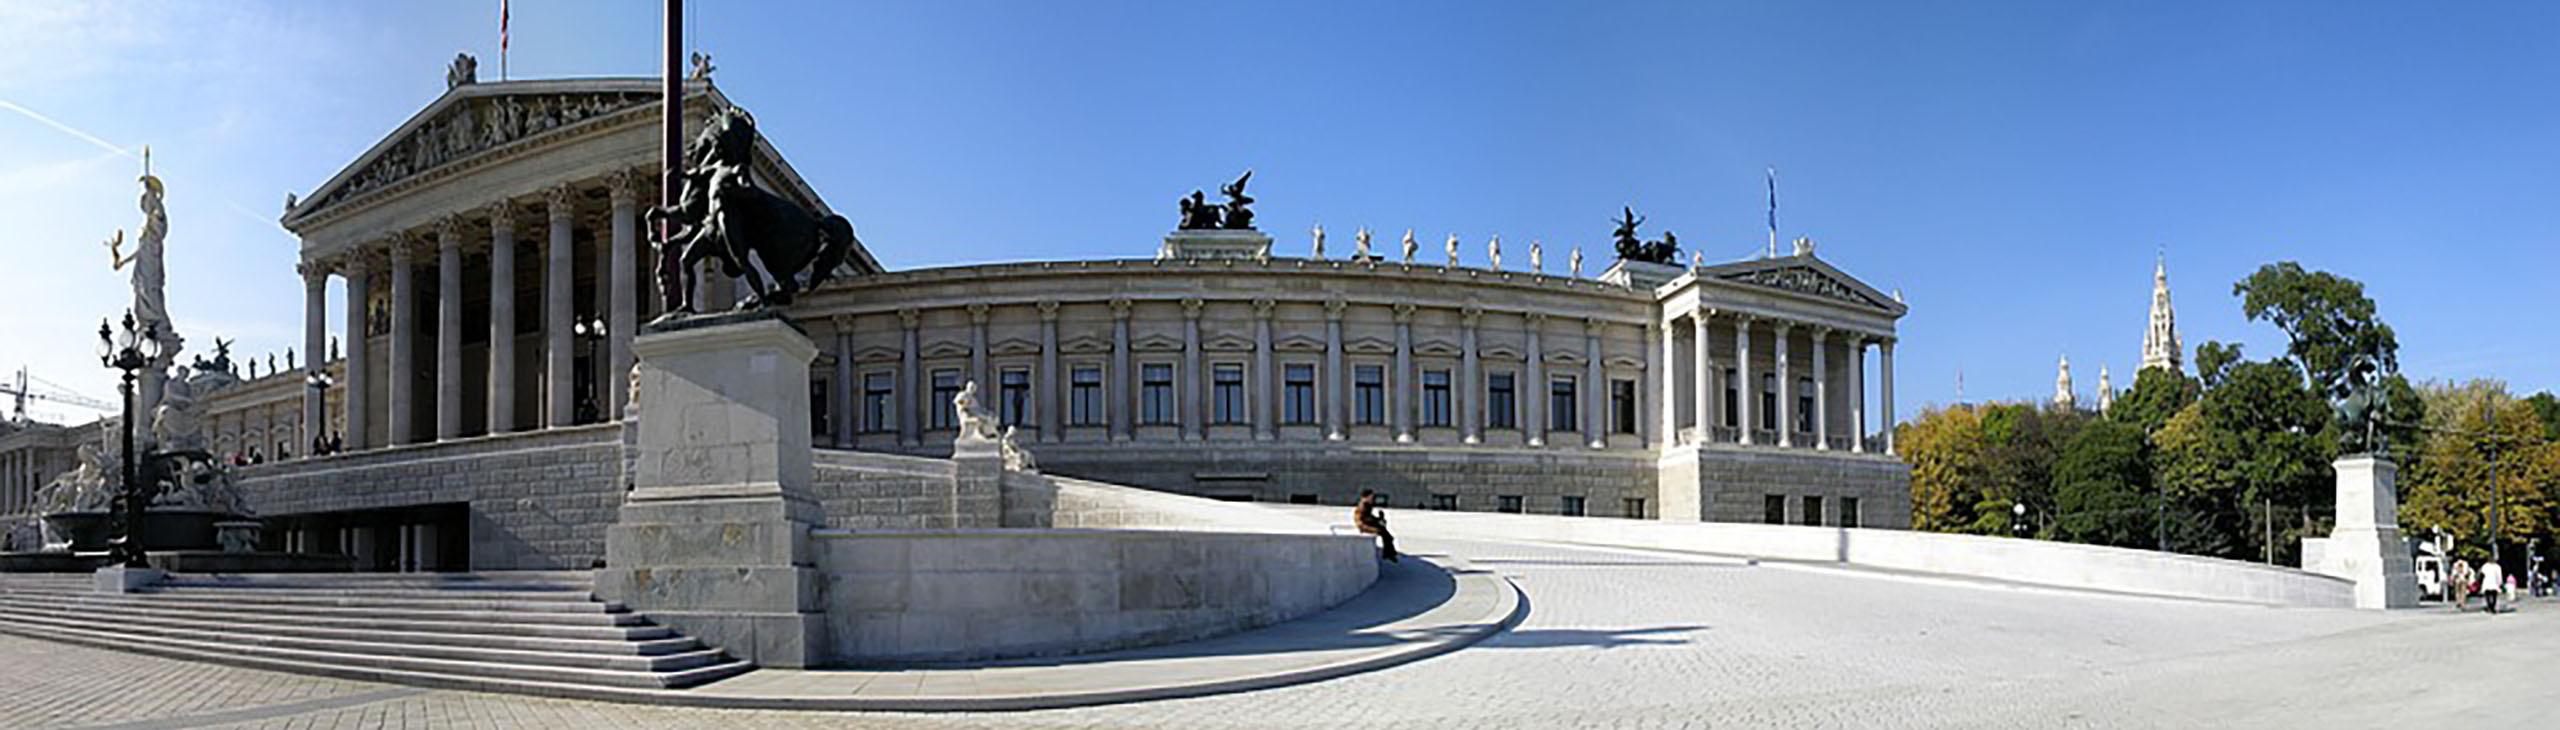 Wien entscheidet sich für SAMO